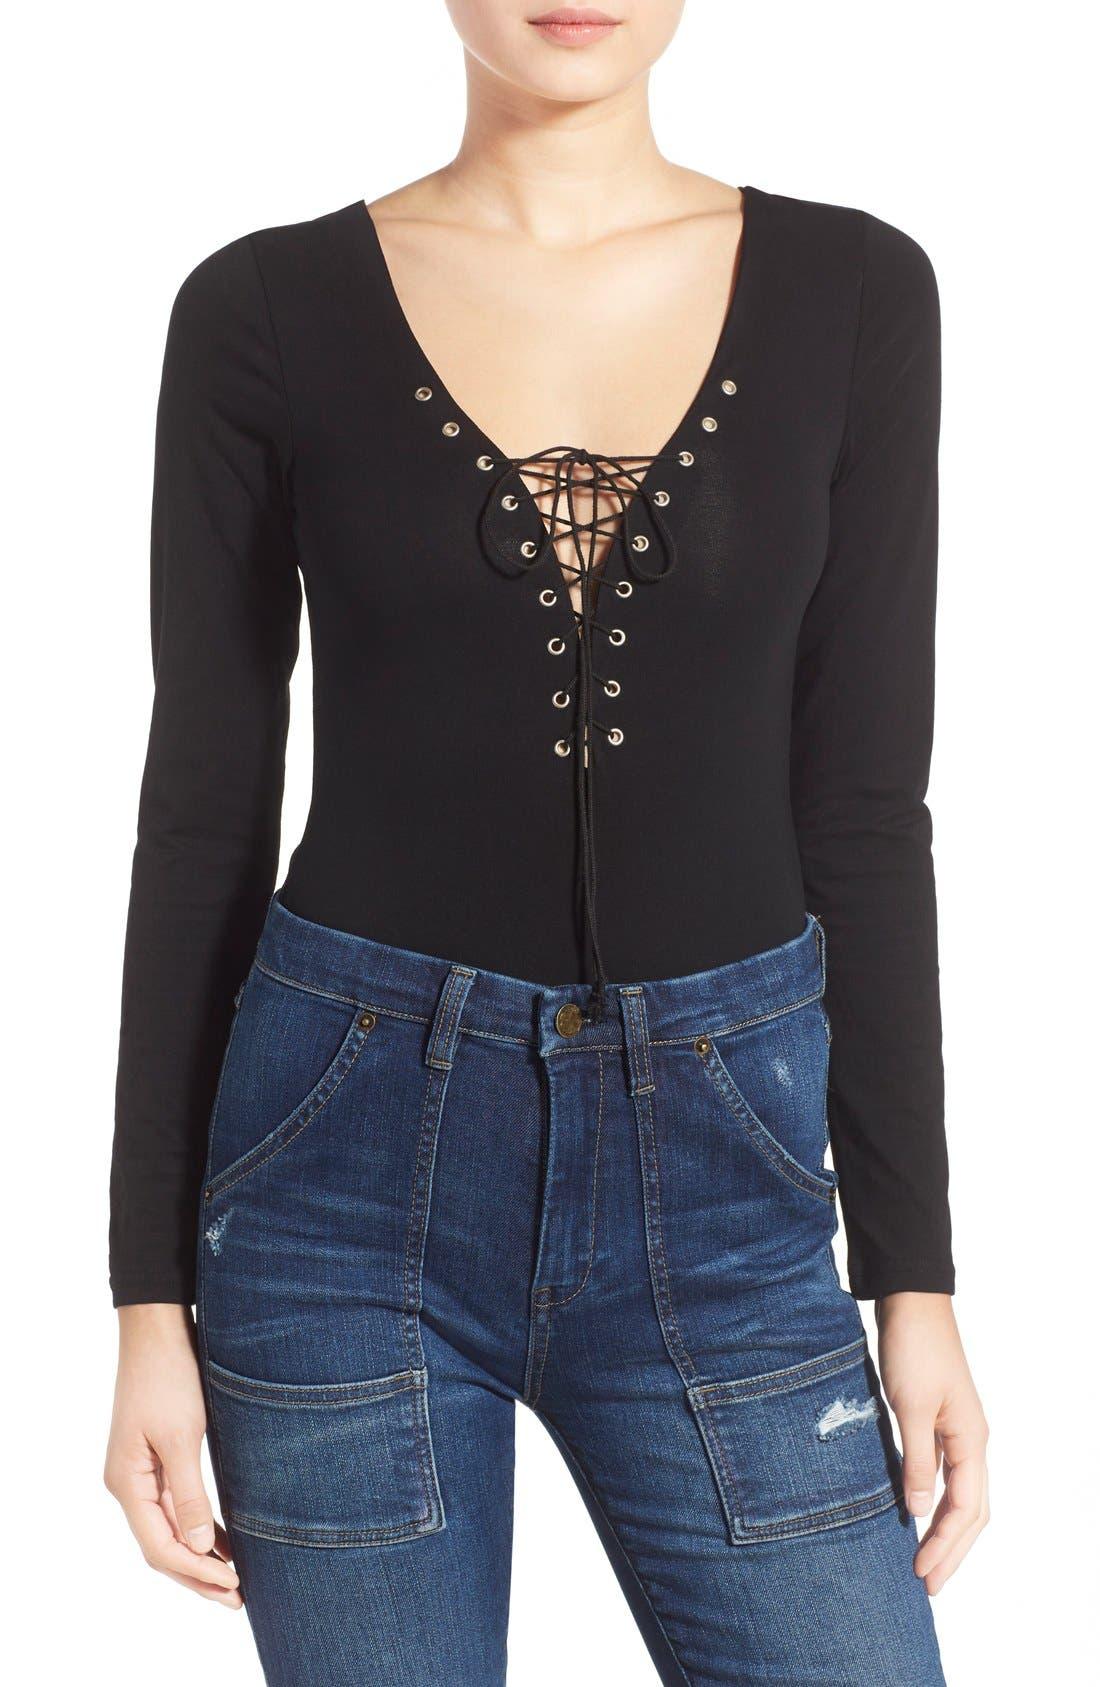 Main Image - Glamorous Long Sleeve Lace-Up Bodysuit